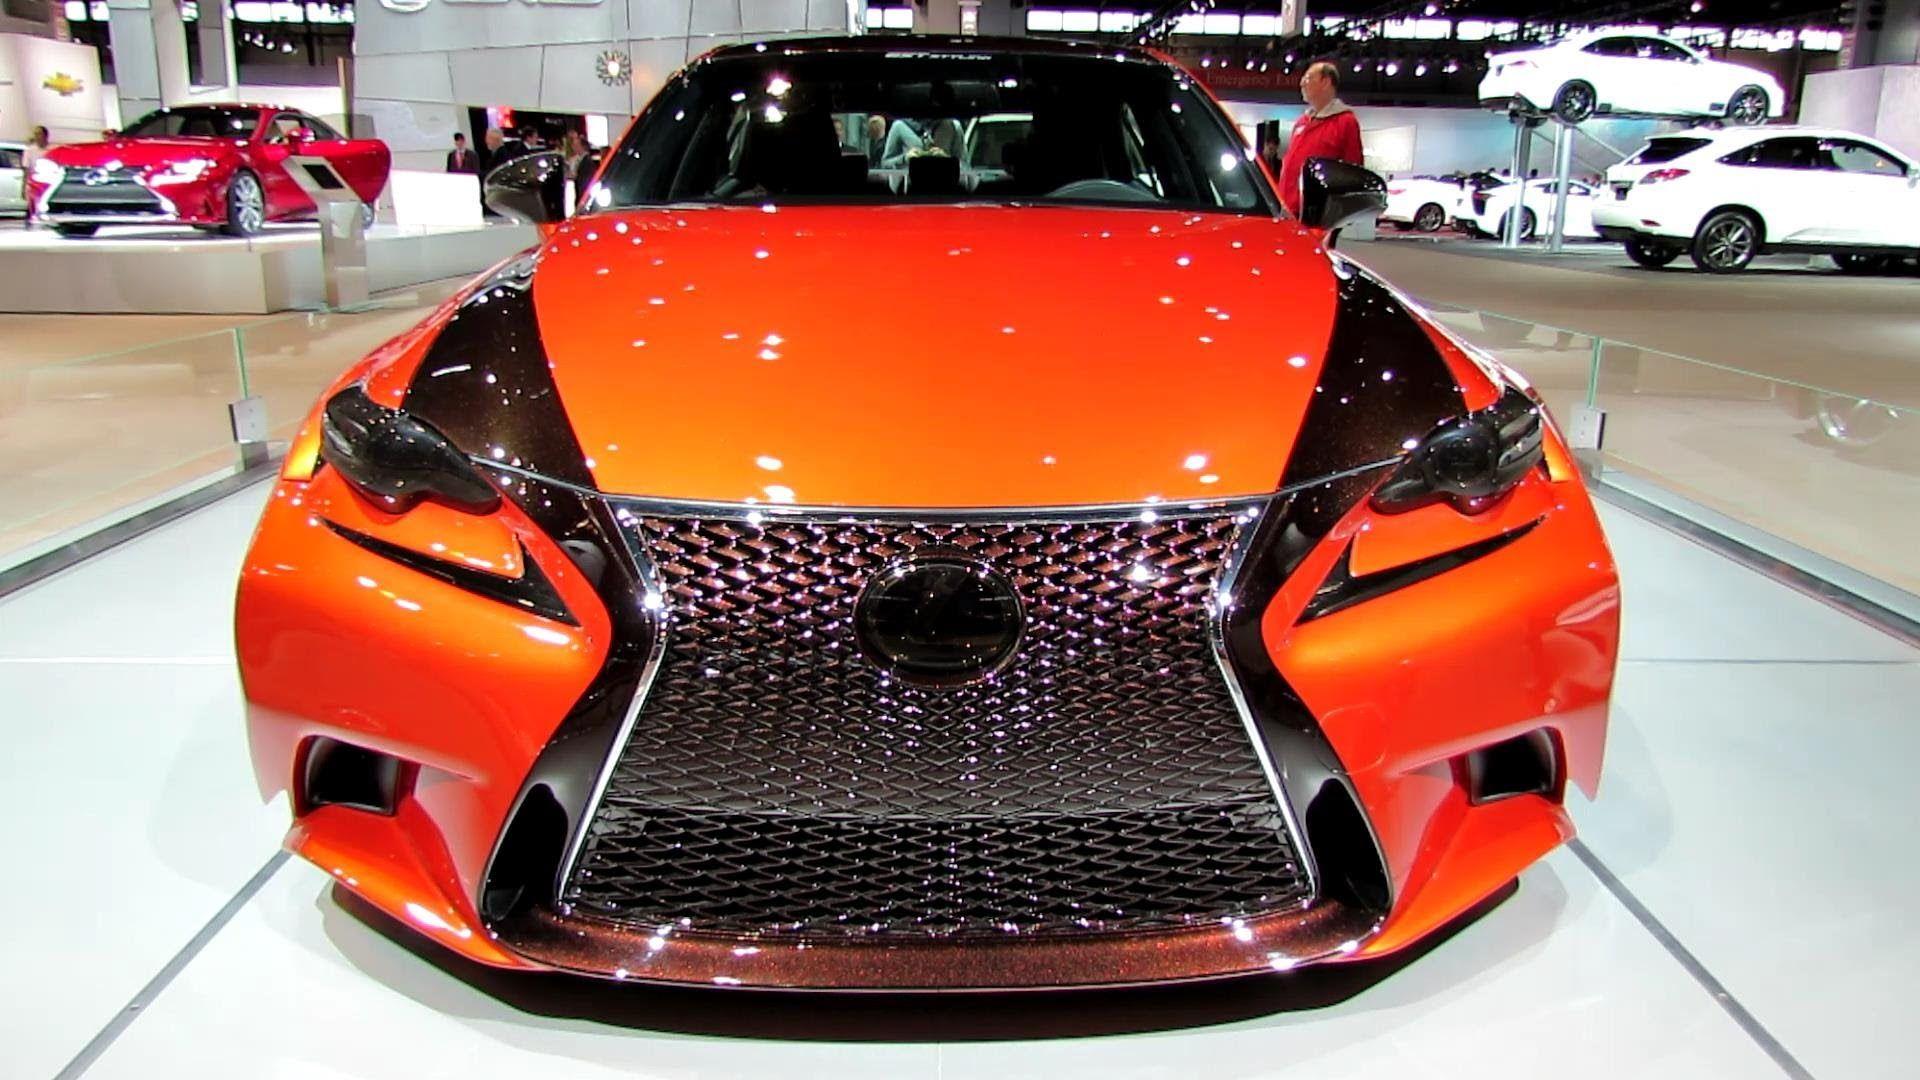 Lexus Is 250 2014 Custom 253 Www Lexusofbellevue Com Lexus Is 250 Lexus Image